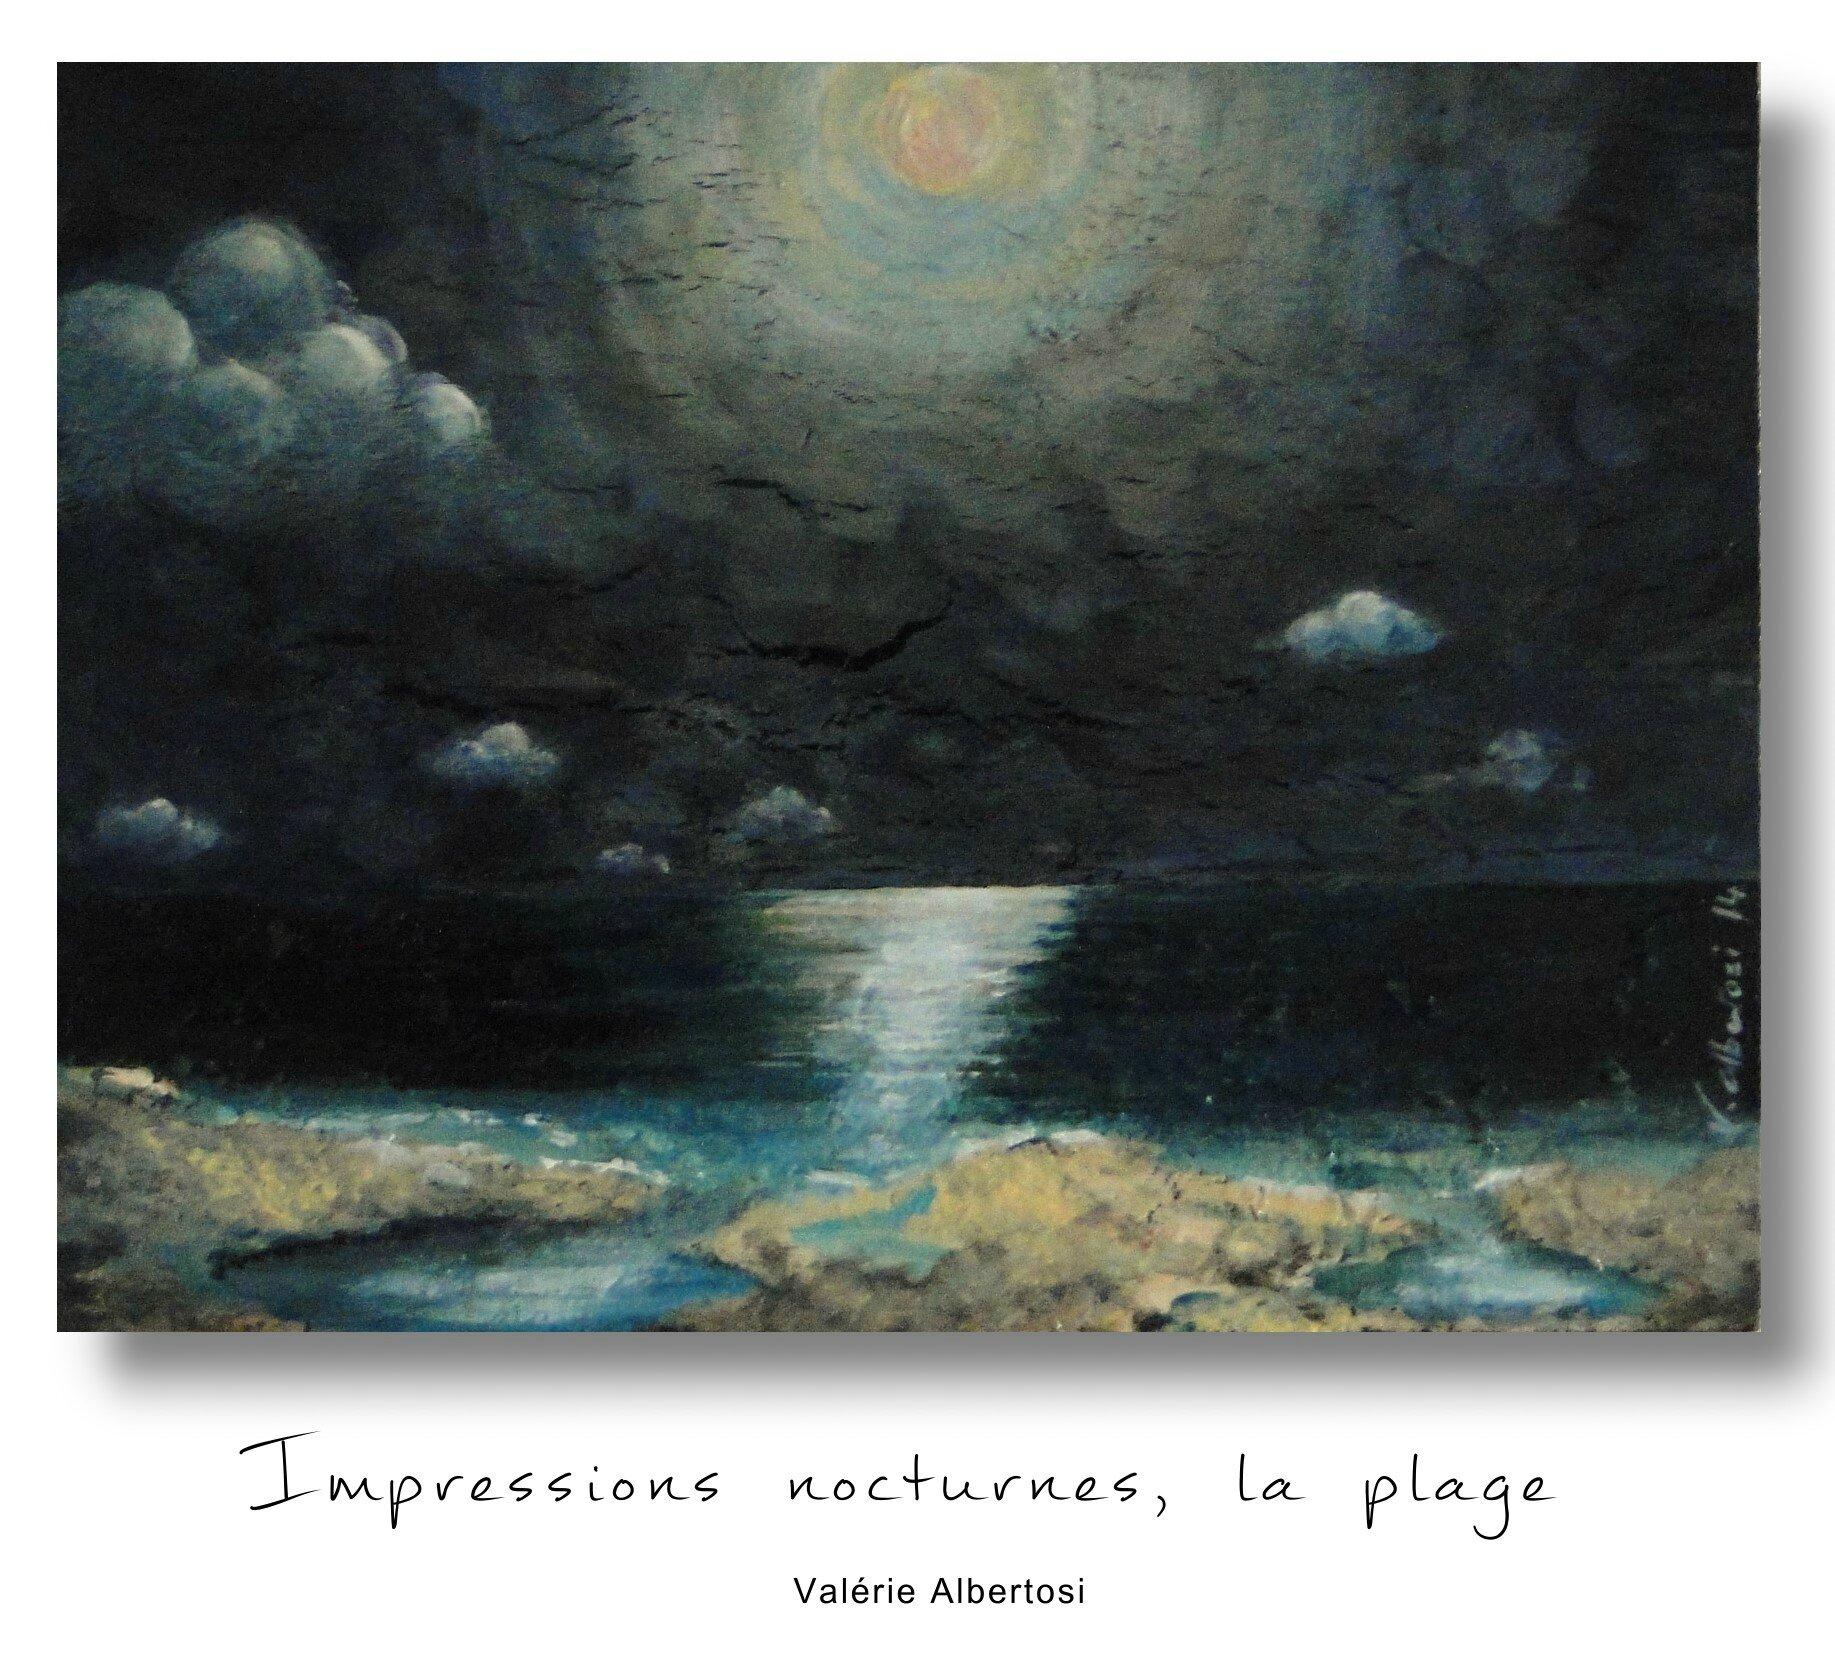 Impressions nocturnes, la plage peinture mer ocean plage nuit valerie albertosi blog peinture